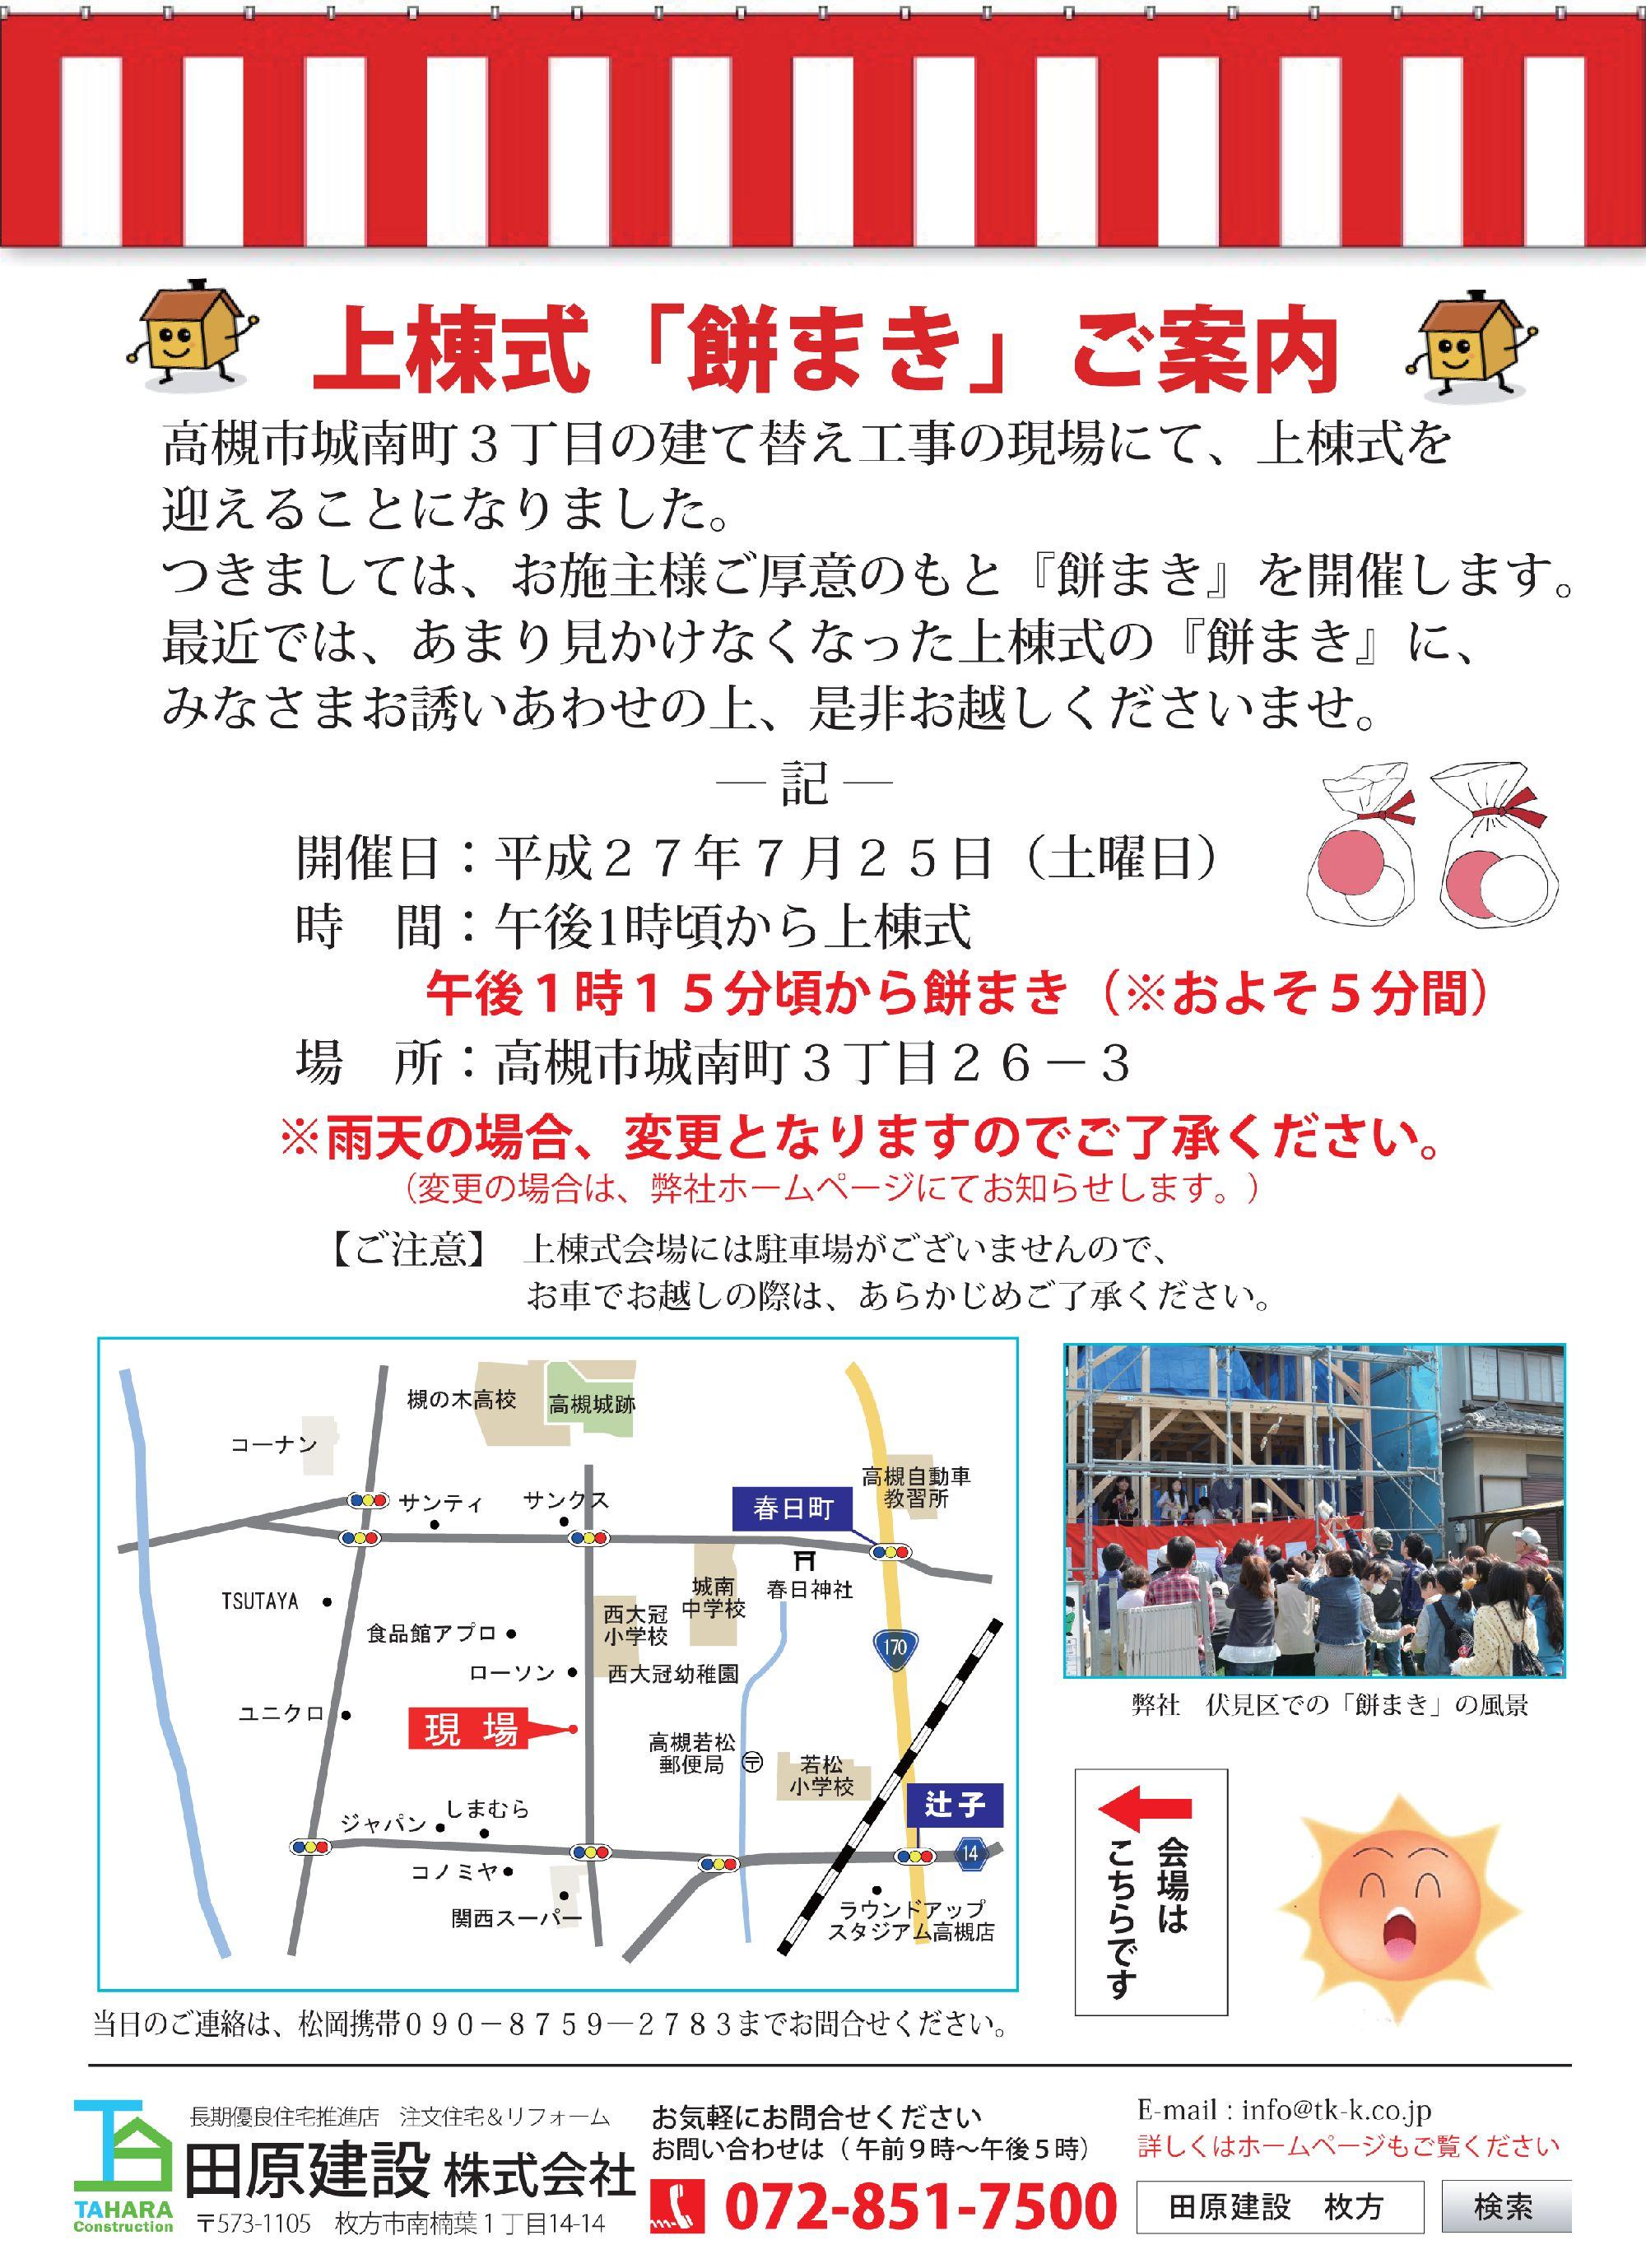 府 ホームページ 市 京都 八幡